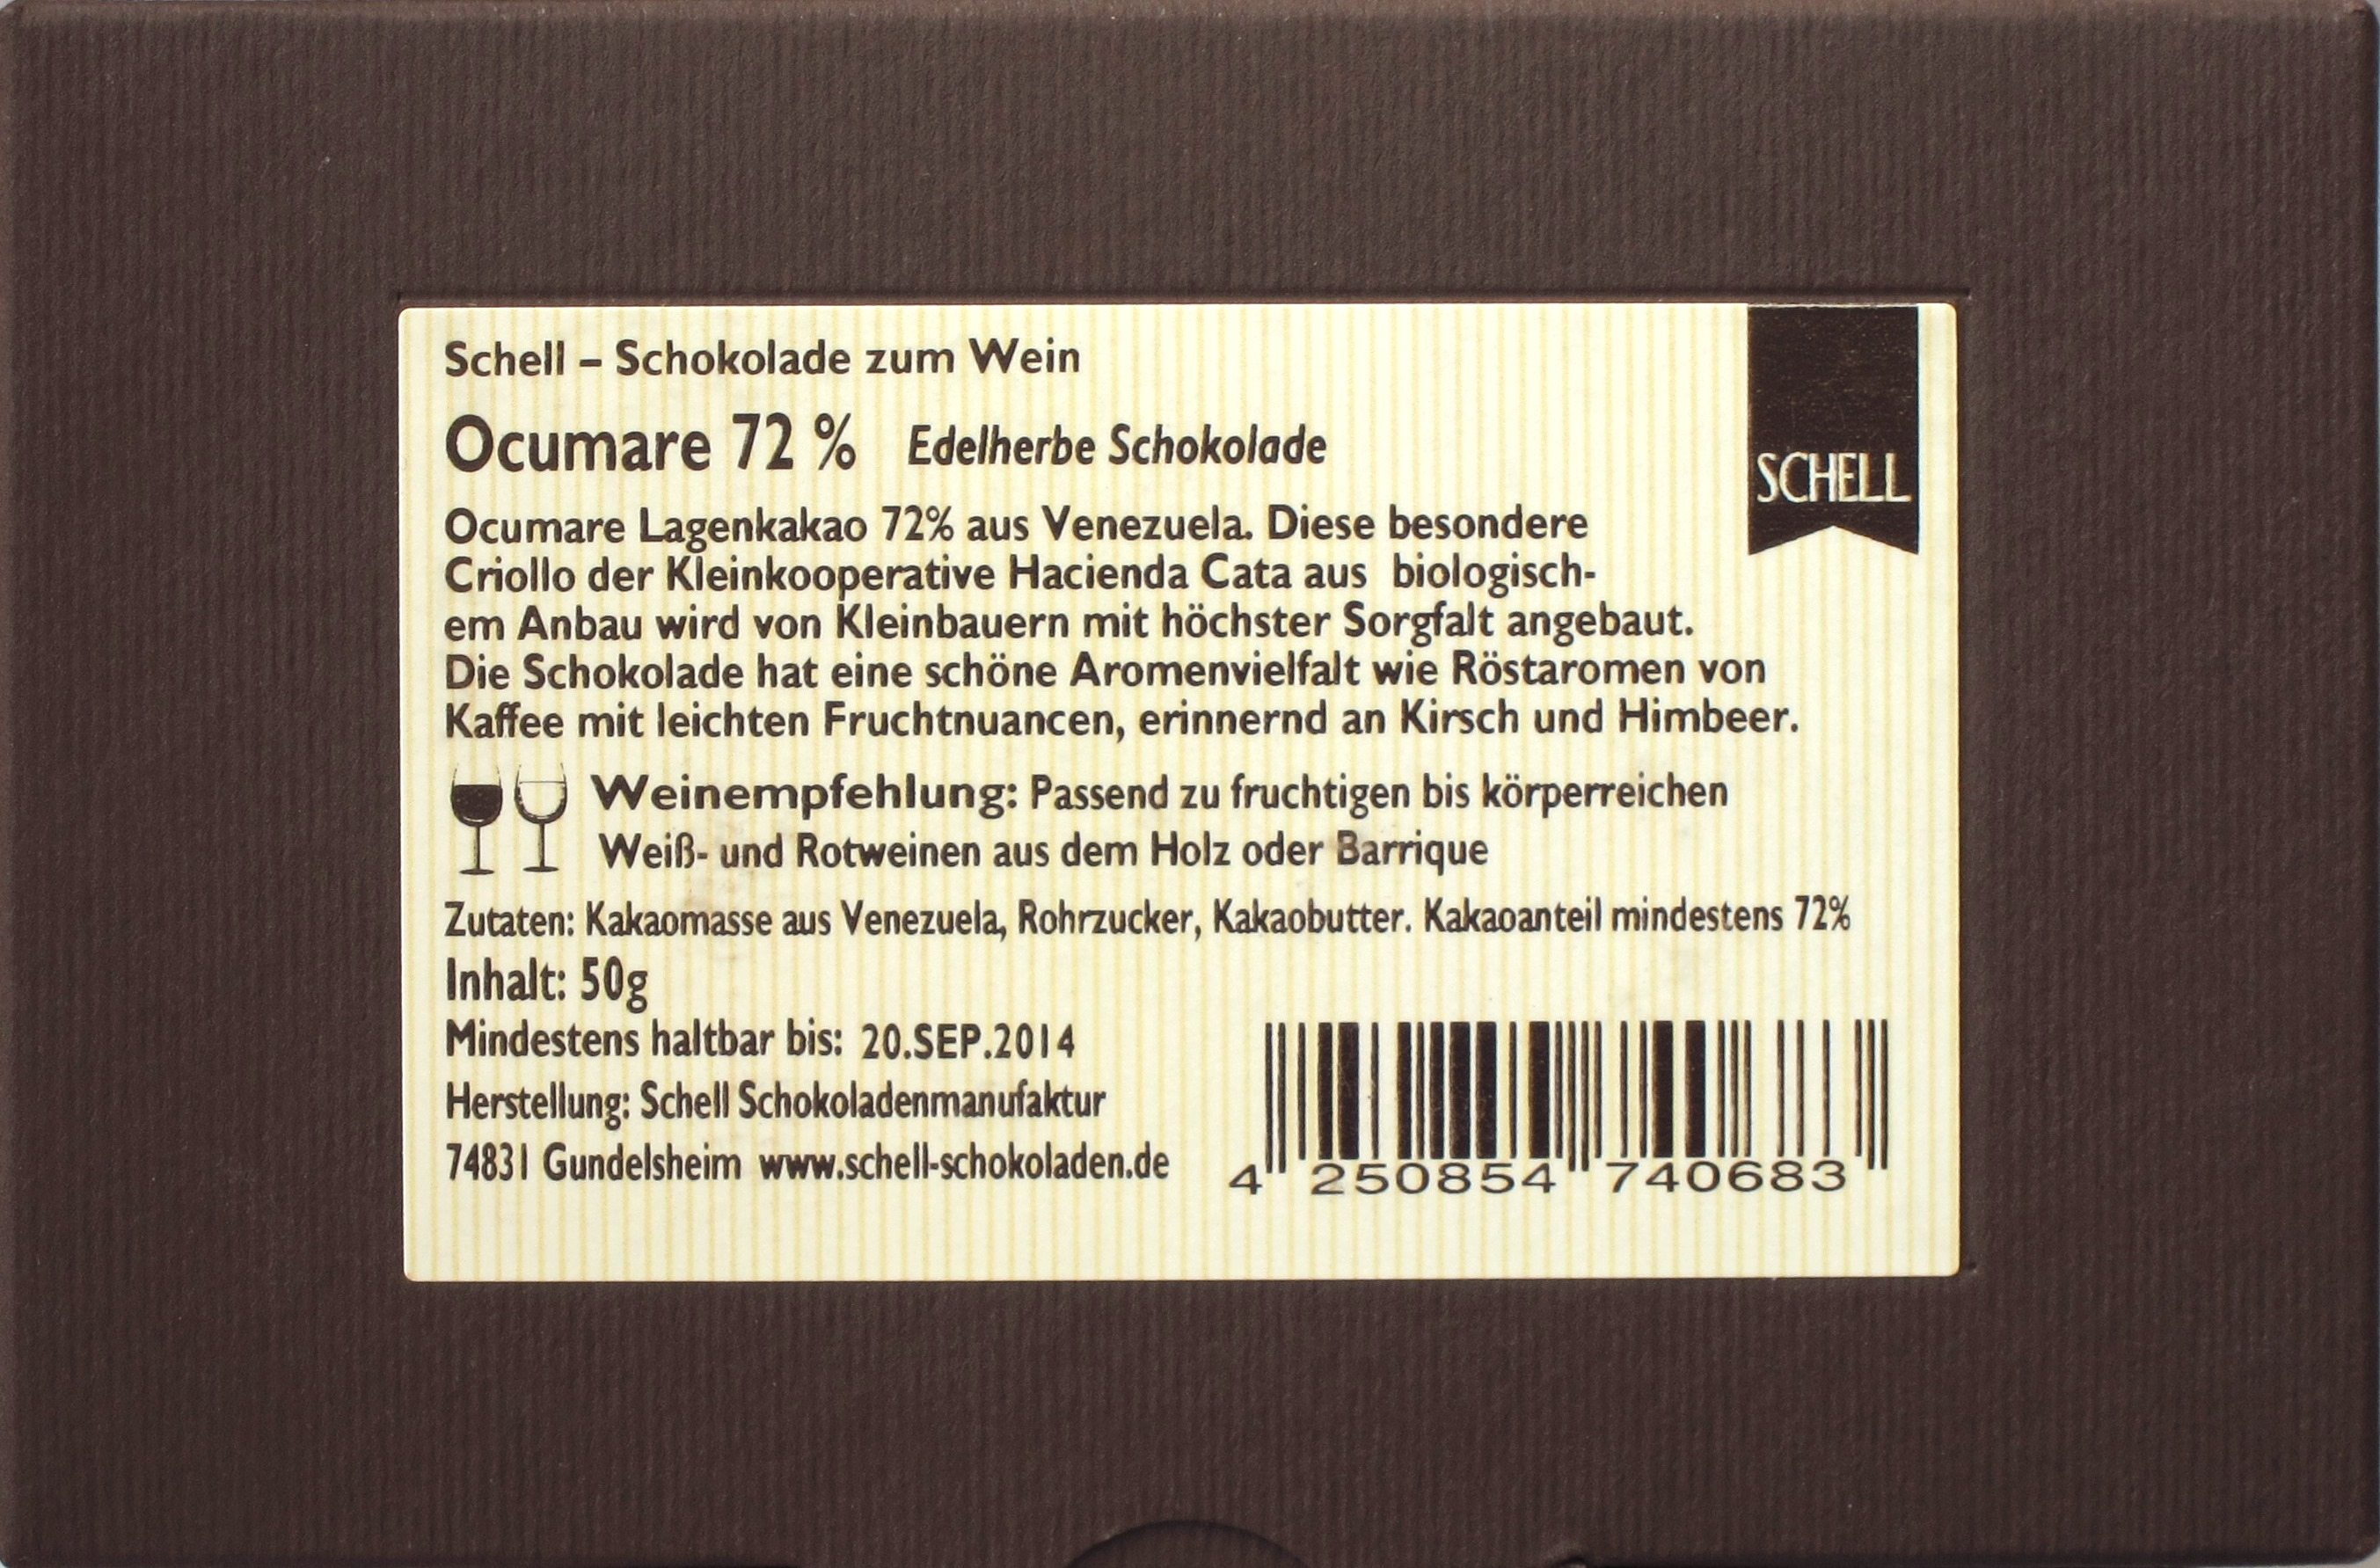 Schell Schokoladenmanufaktur Ocumare 72 (Rückseite)